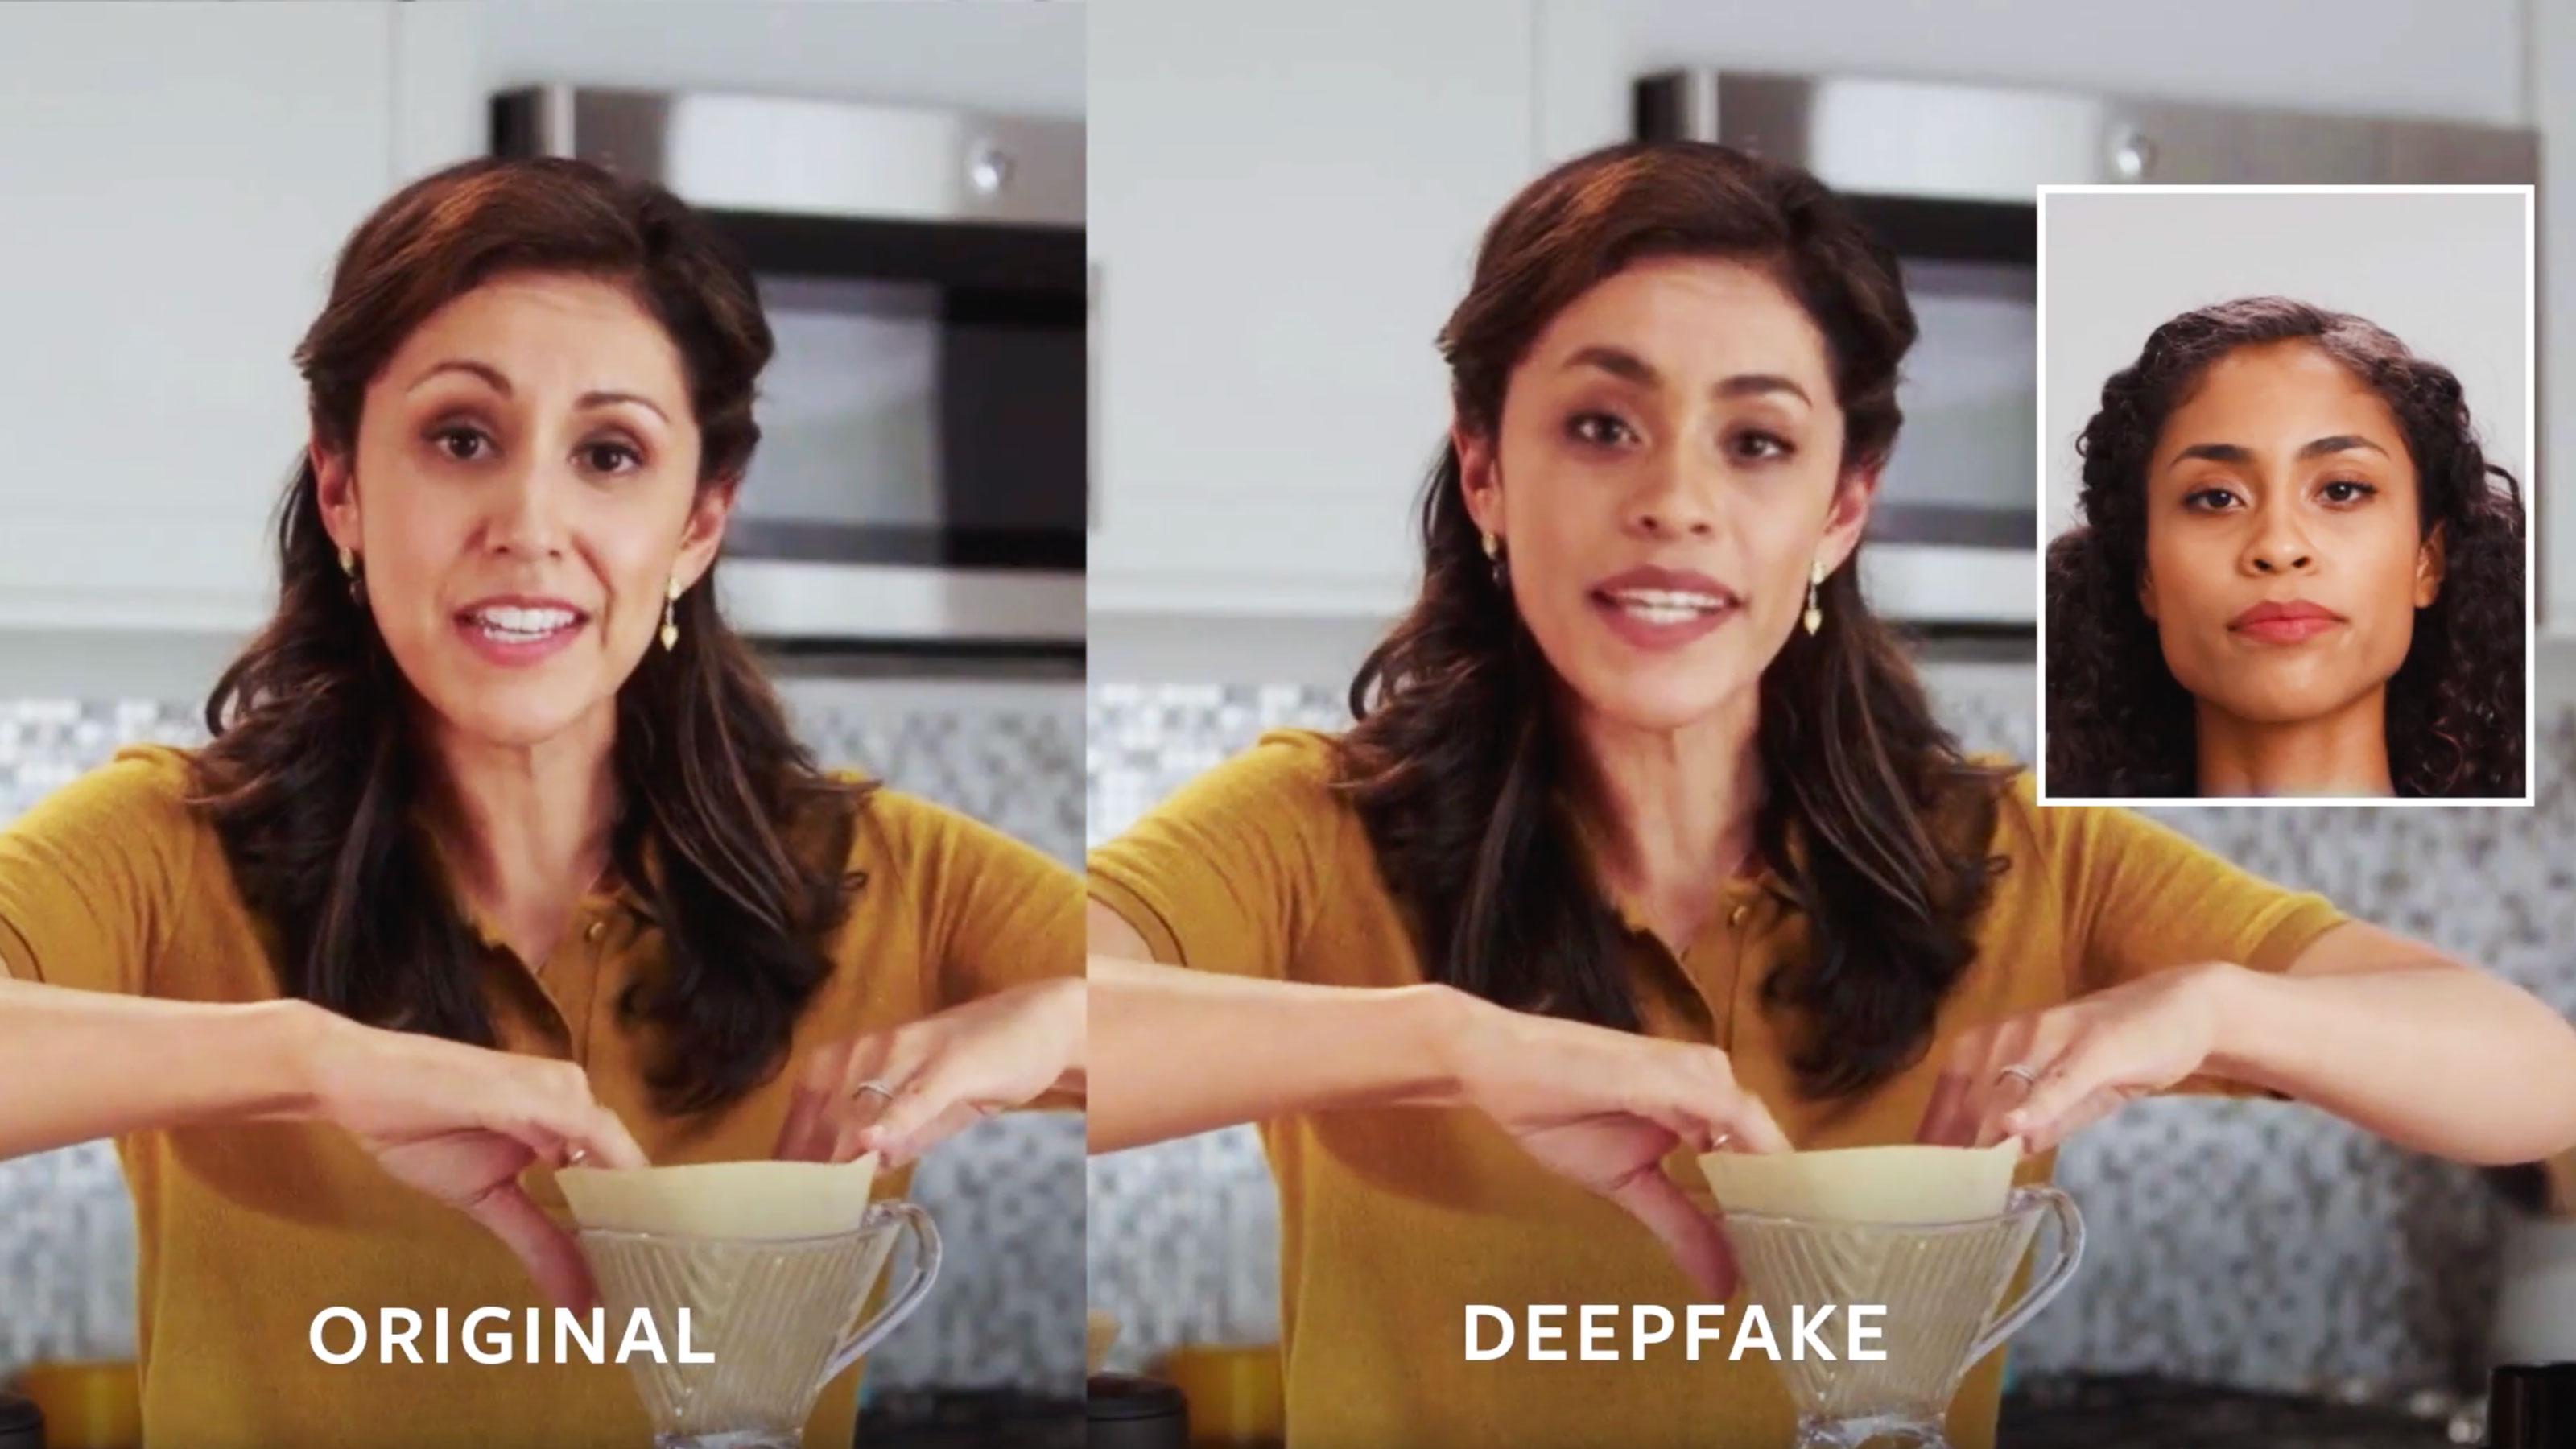 Ce este deep fake si cum poate afecta lumea acest fenomen